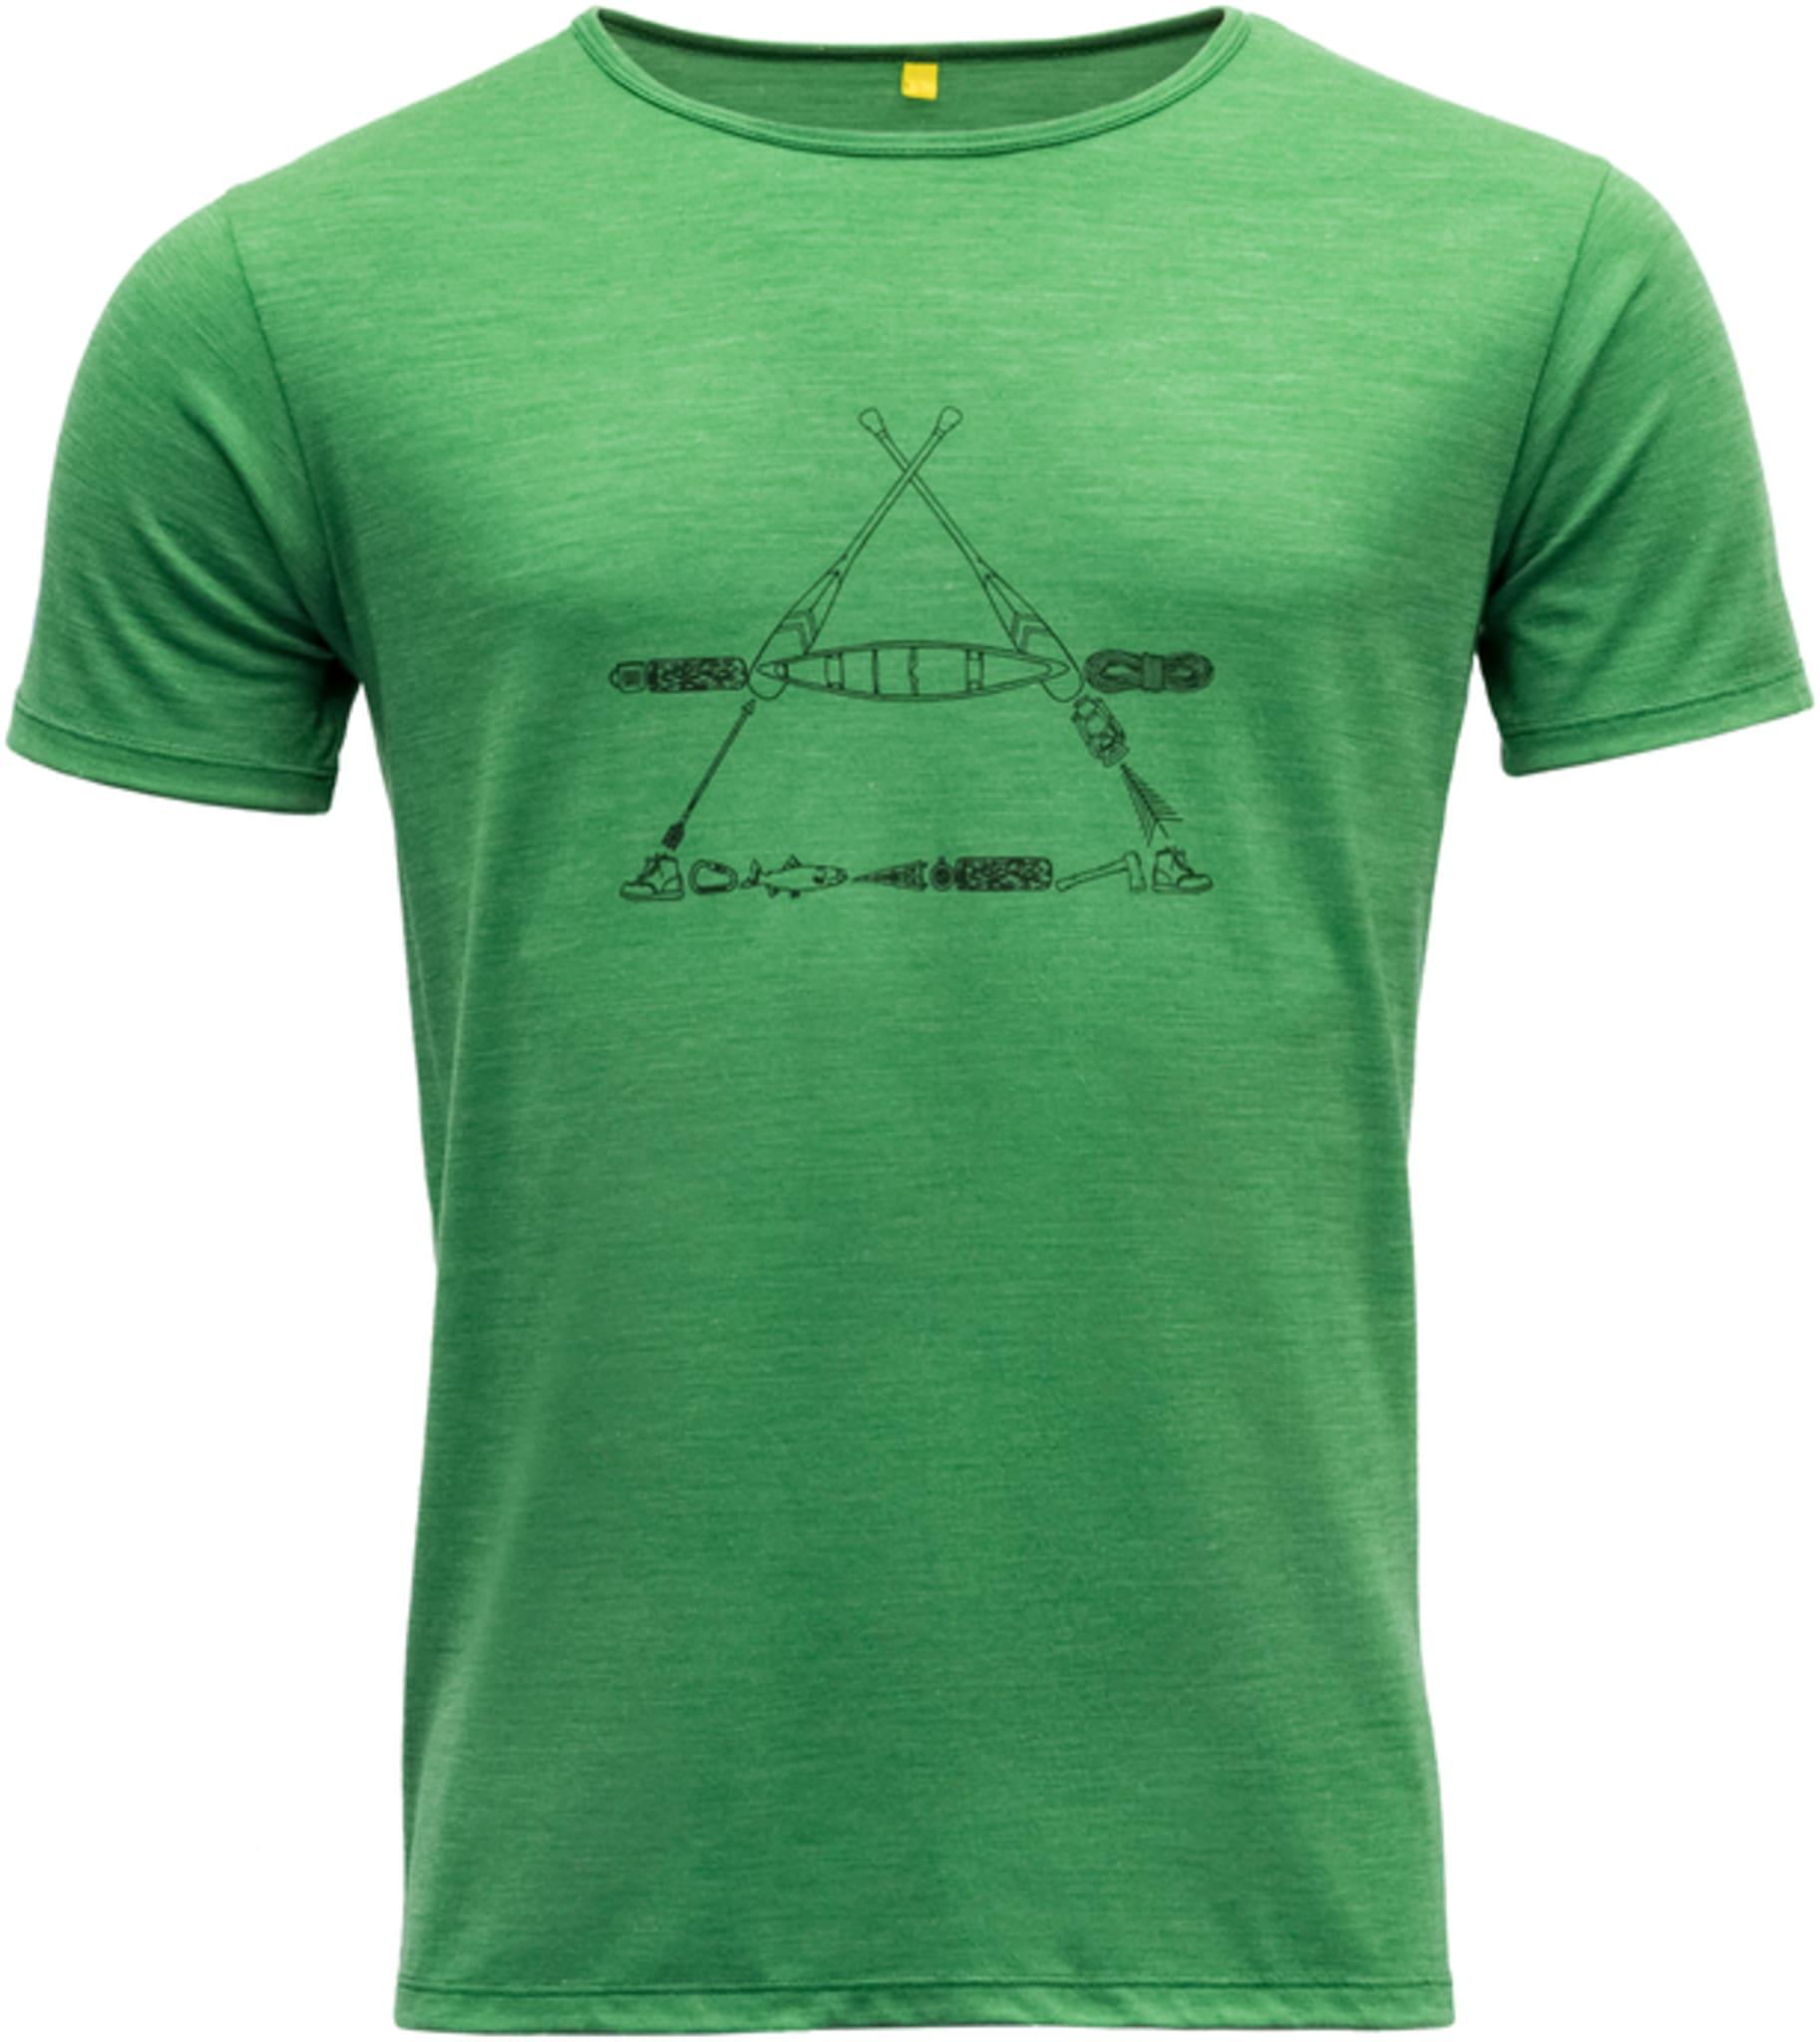 Behagelig t-skjorte for hverdager og fjellturer